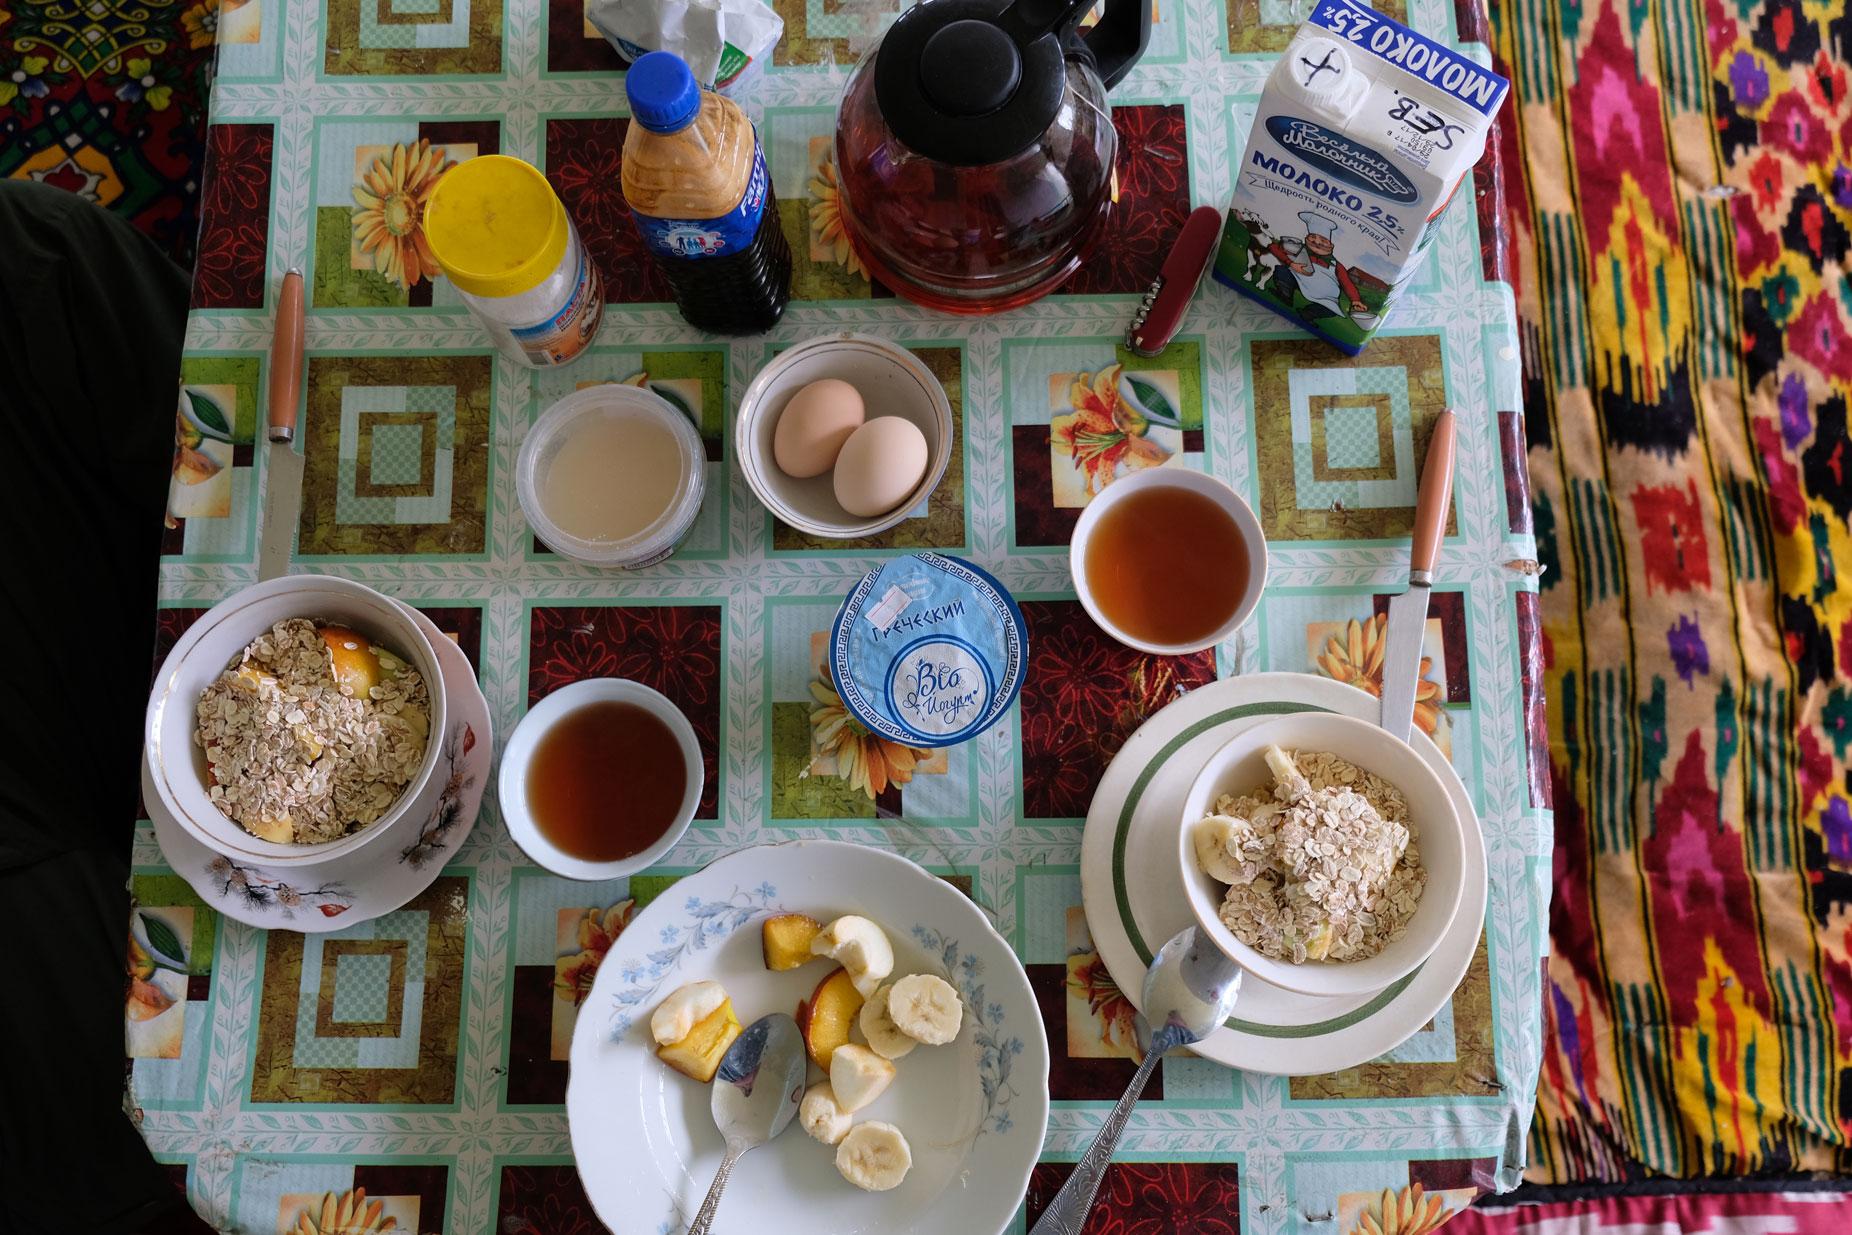 Jeden Morgen mit einem ausgiebigen und selbstgemachten Frühstück beginnen...